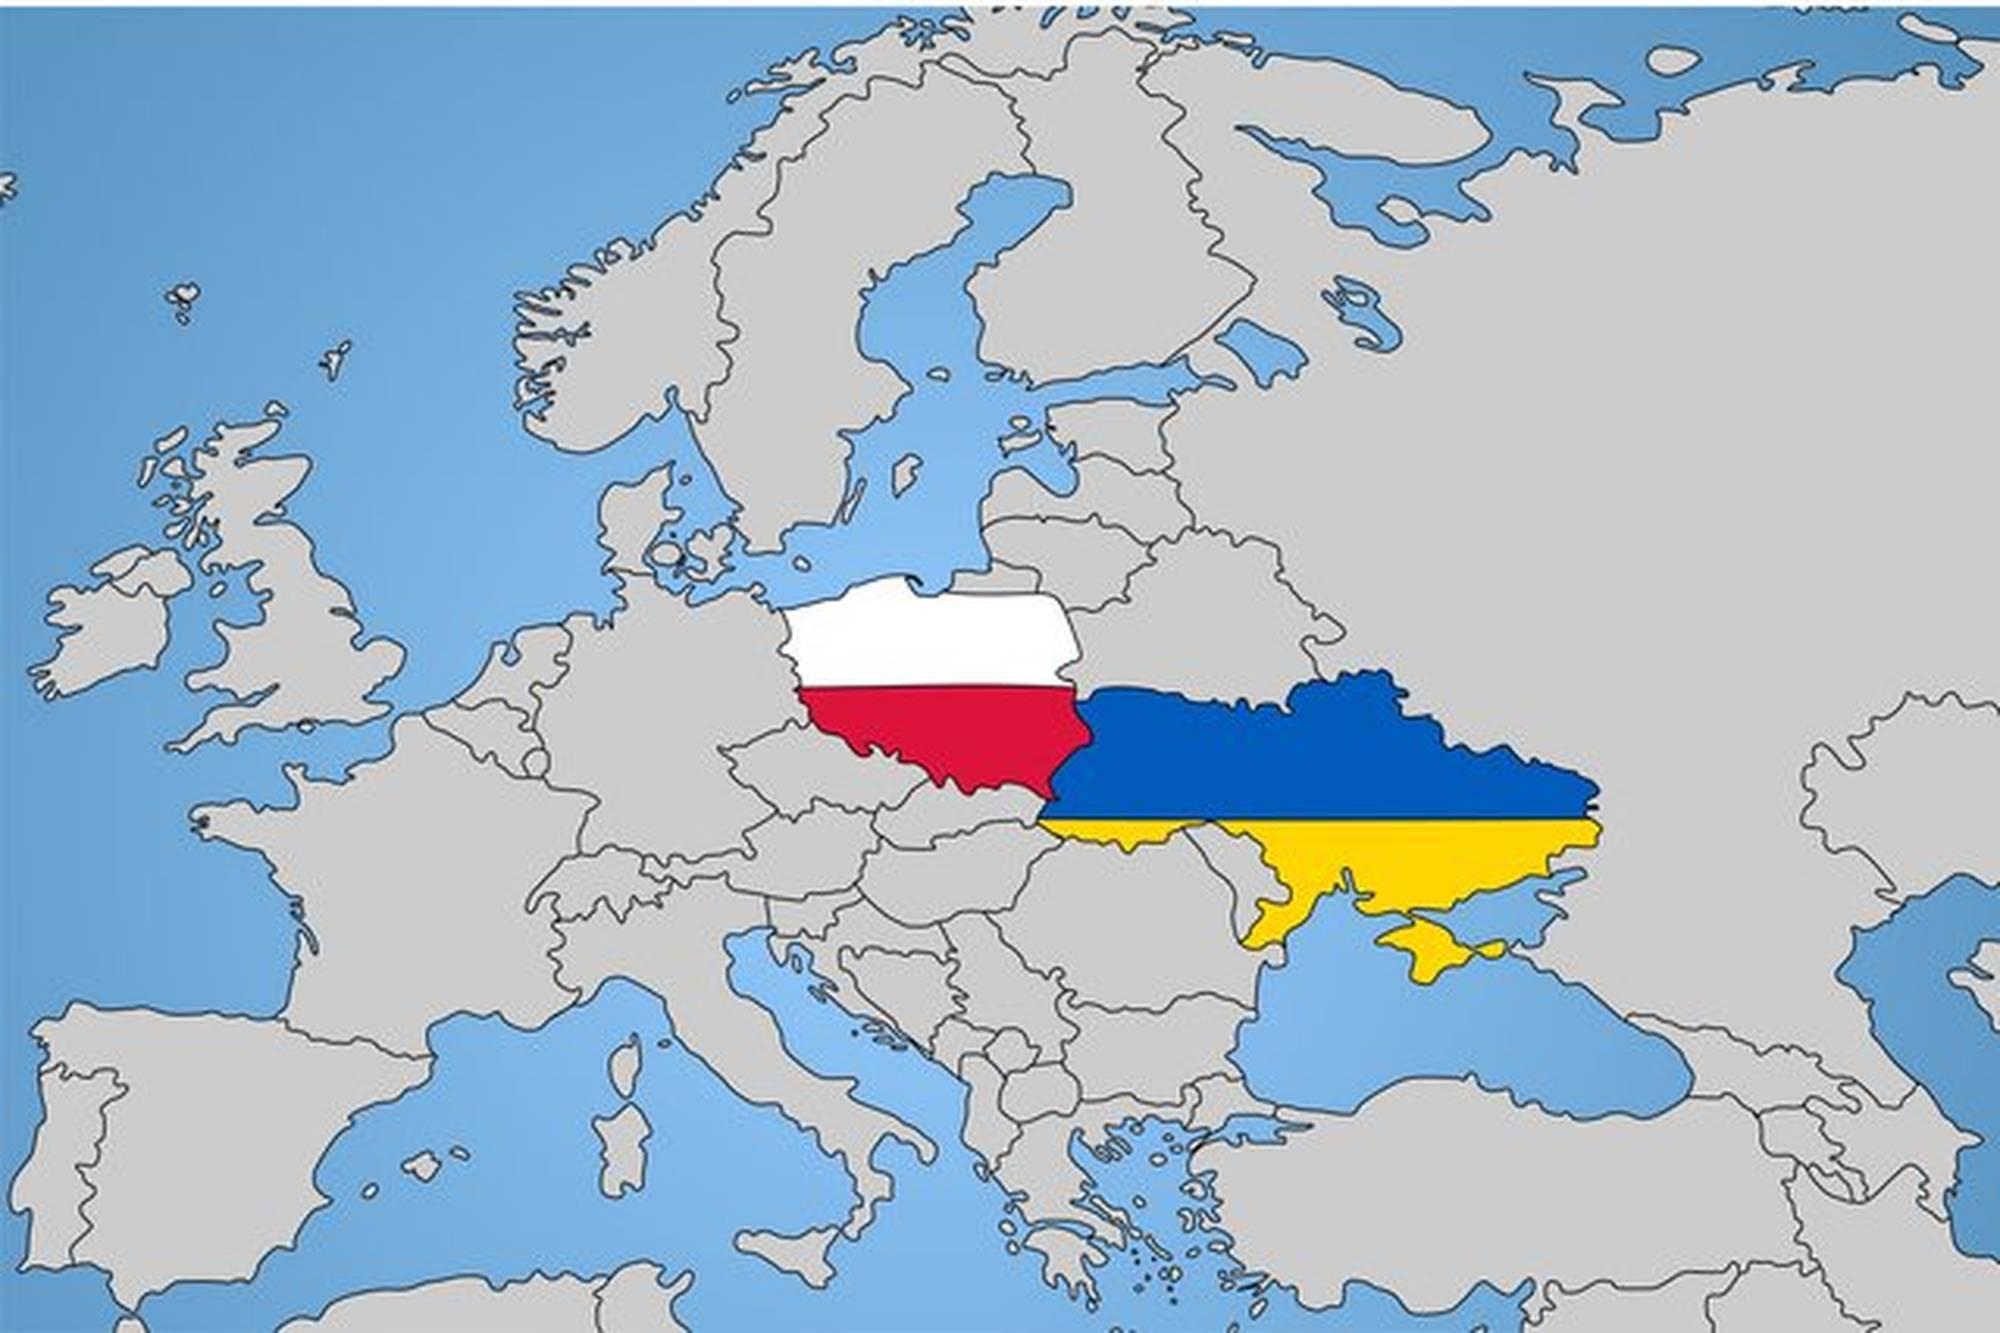 Конвенция между Правительством Украины и Правительством Республики Польша об избежании двойного налогообложения.